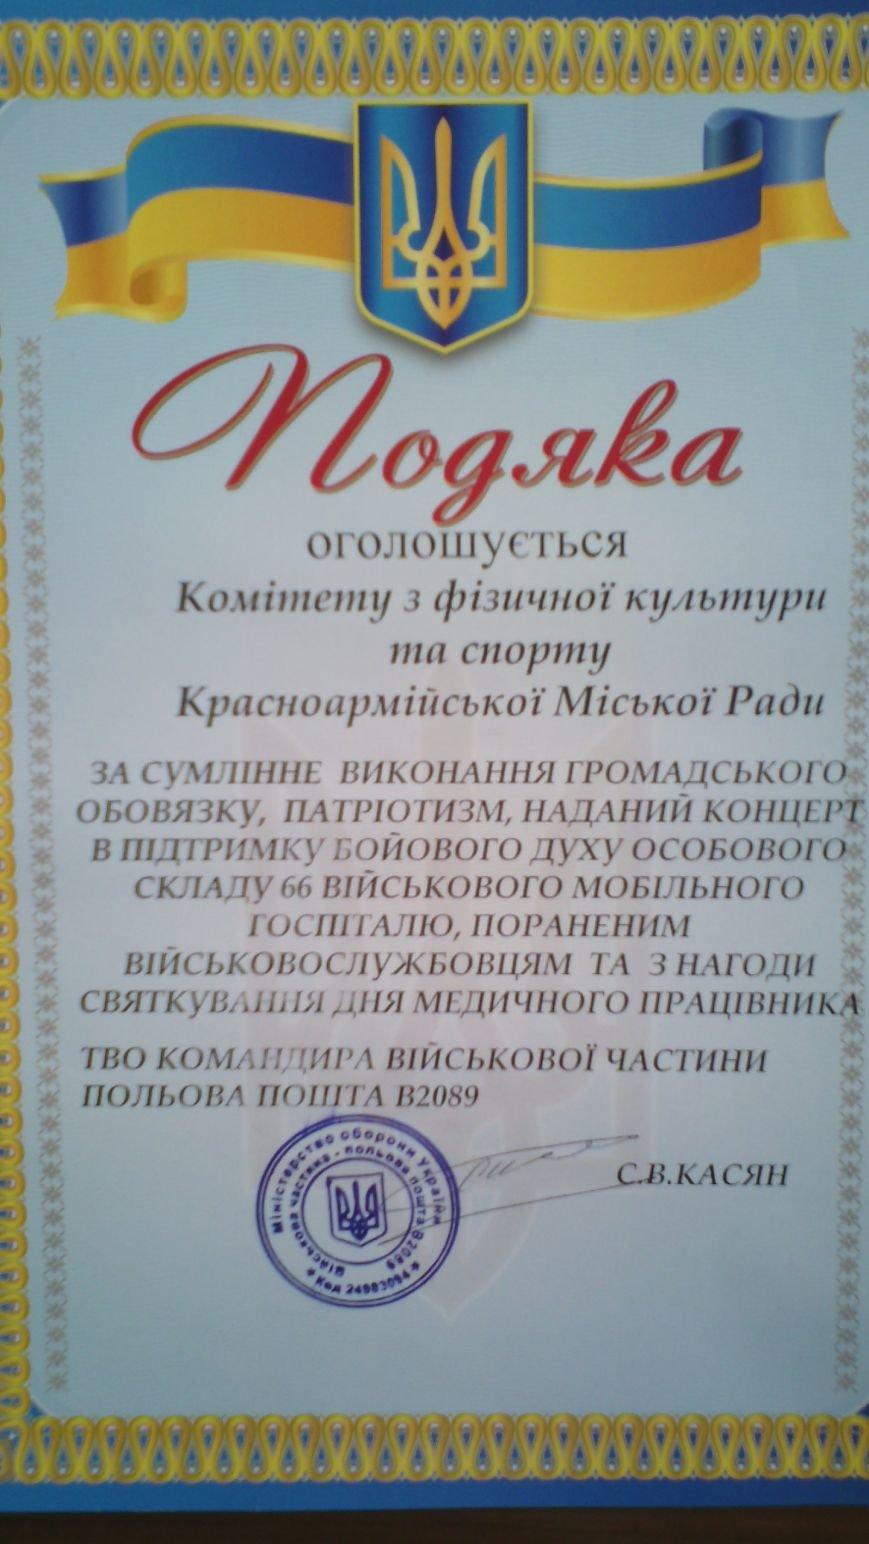 Спортсменки секции спортивной аэробики Красноармейска выступили в 66 военном мобильном госпитале, фото-5